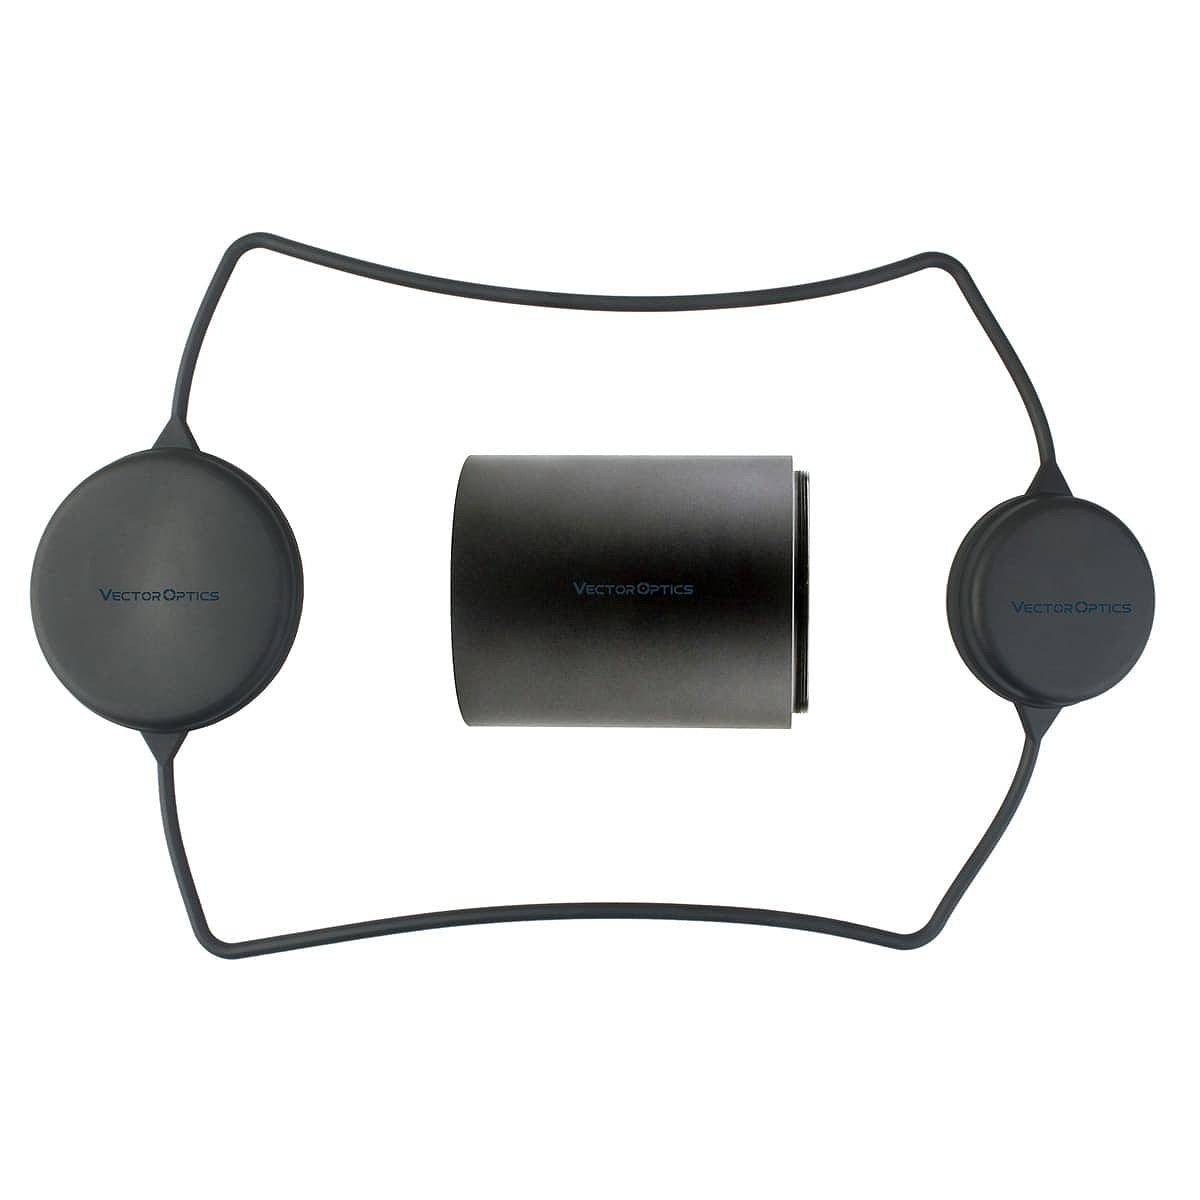 【お届け予定日: 4月30日】ベクターオプティクス ライフルスコープ Paragon 3-15x50 GenII  Vector Optics SCOM-25